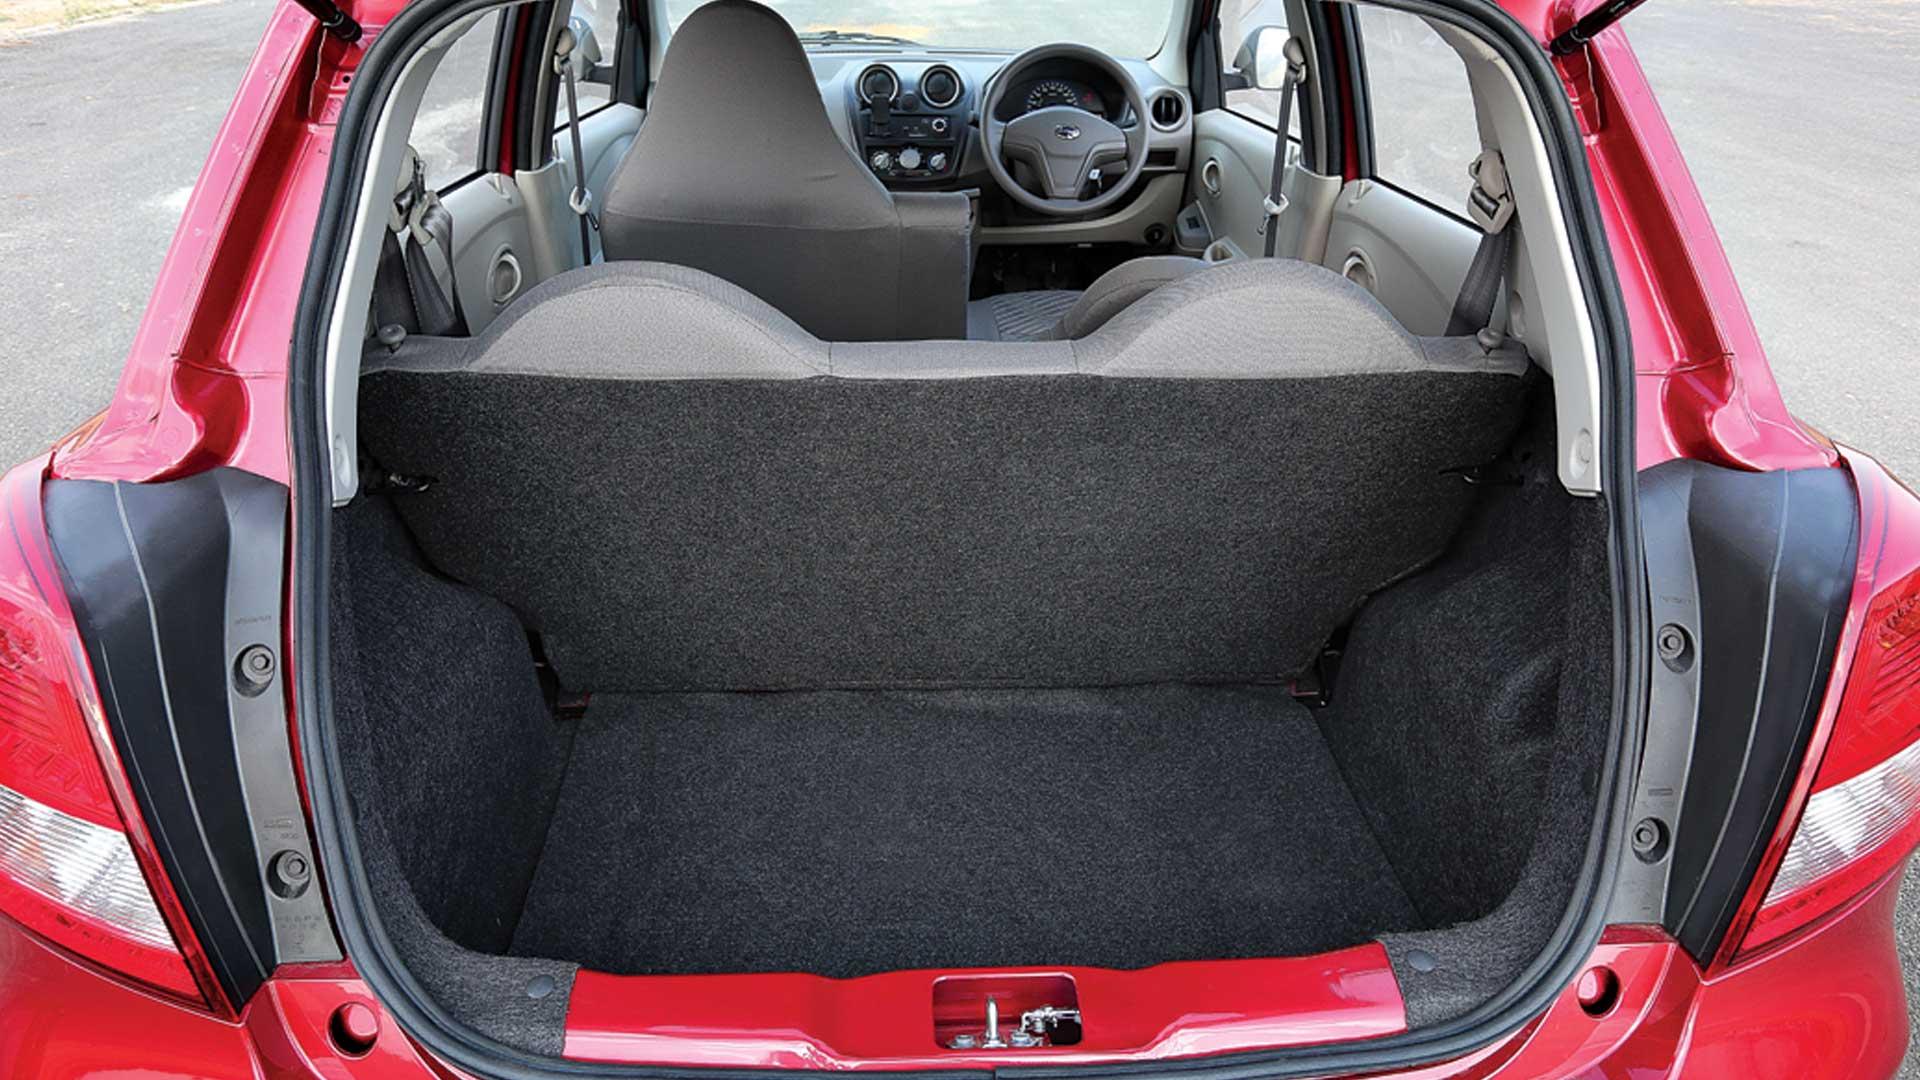 Datsun-go-2014- A Compare